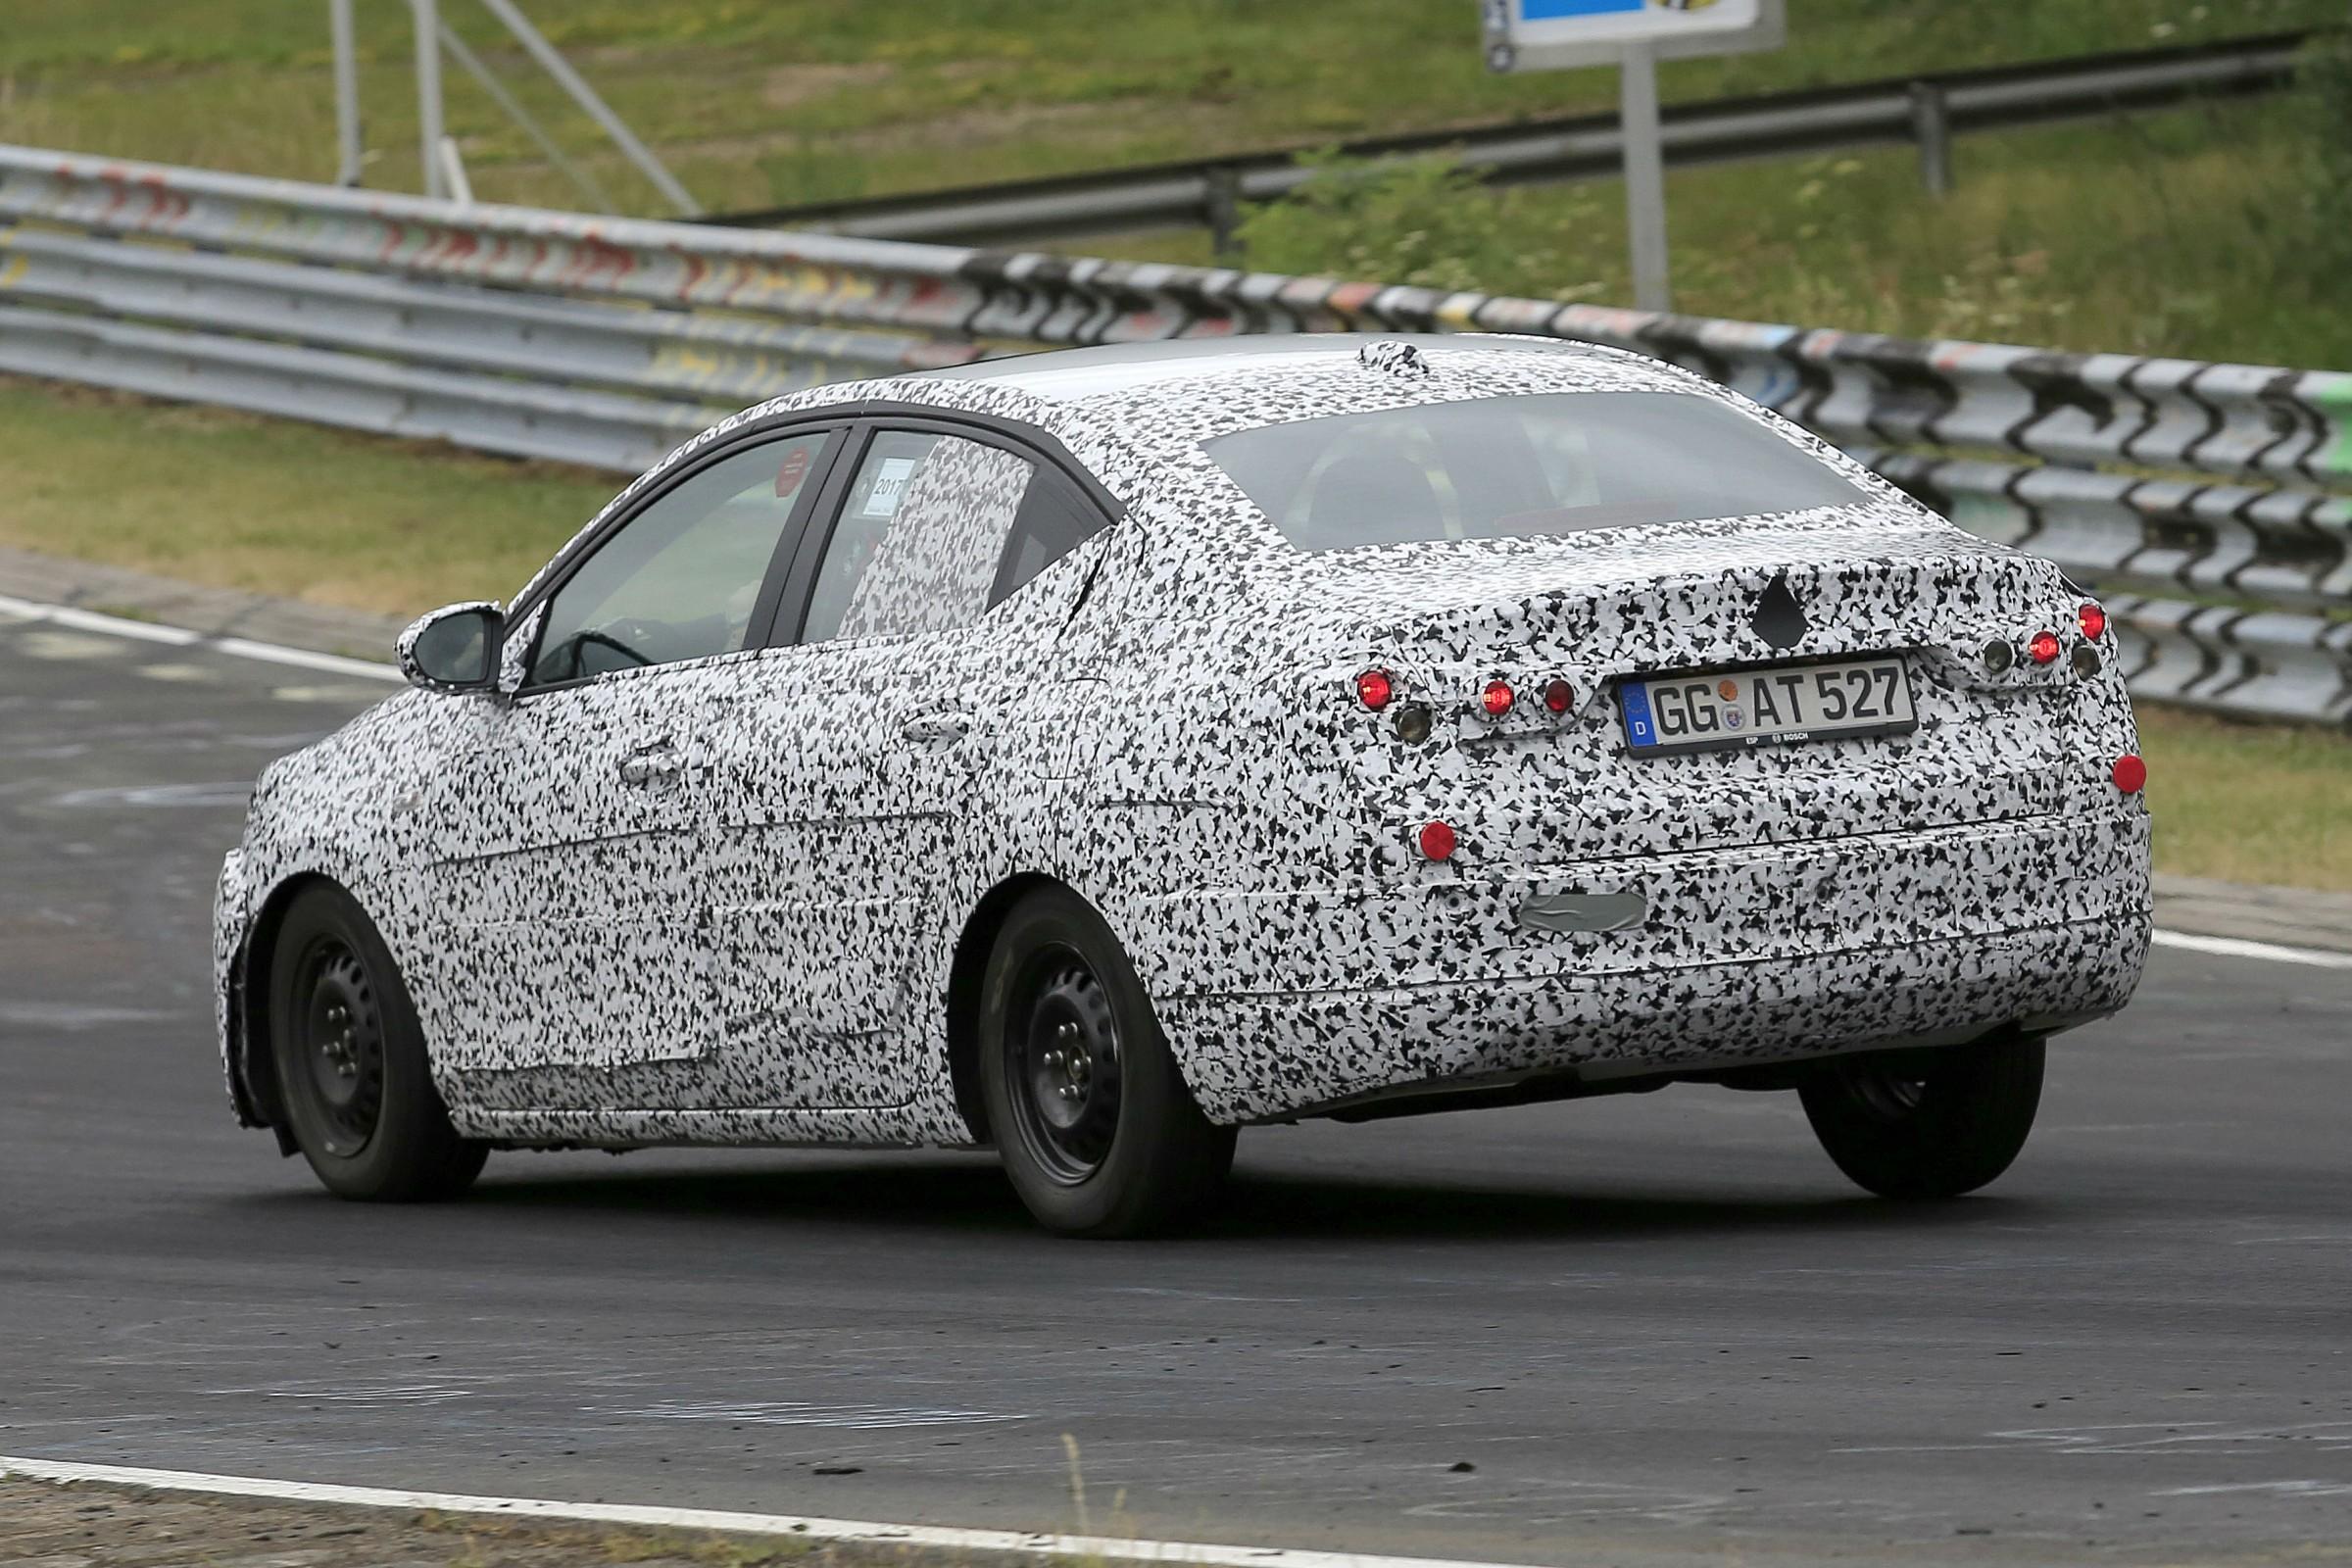 Opel Corsa Sedan